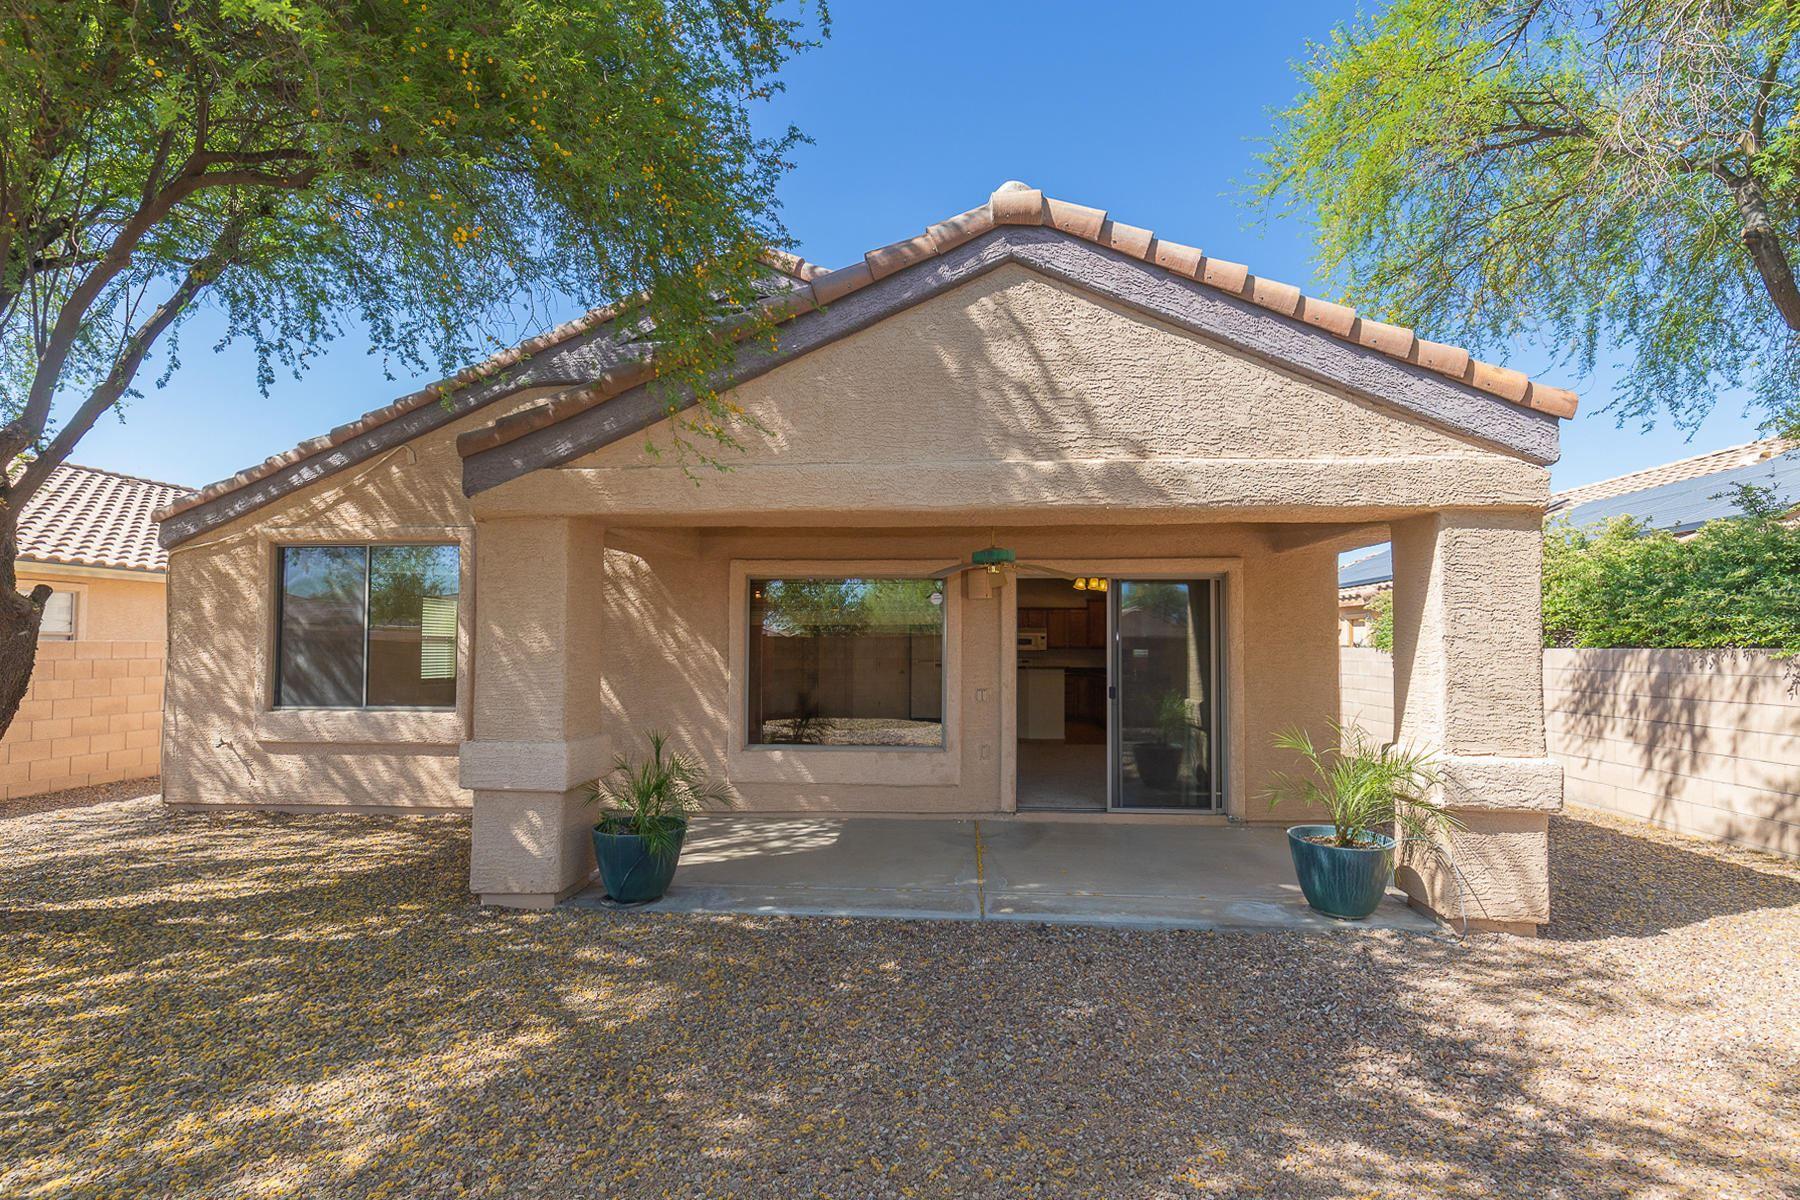 11271 W Cotton Bale Lane, Marana, AZ 85653 - MLS#: 22109827